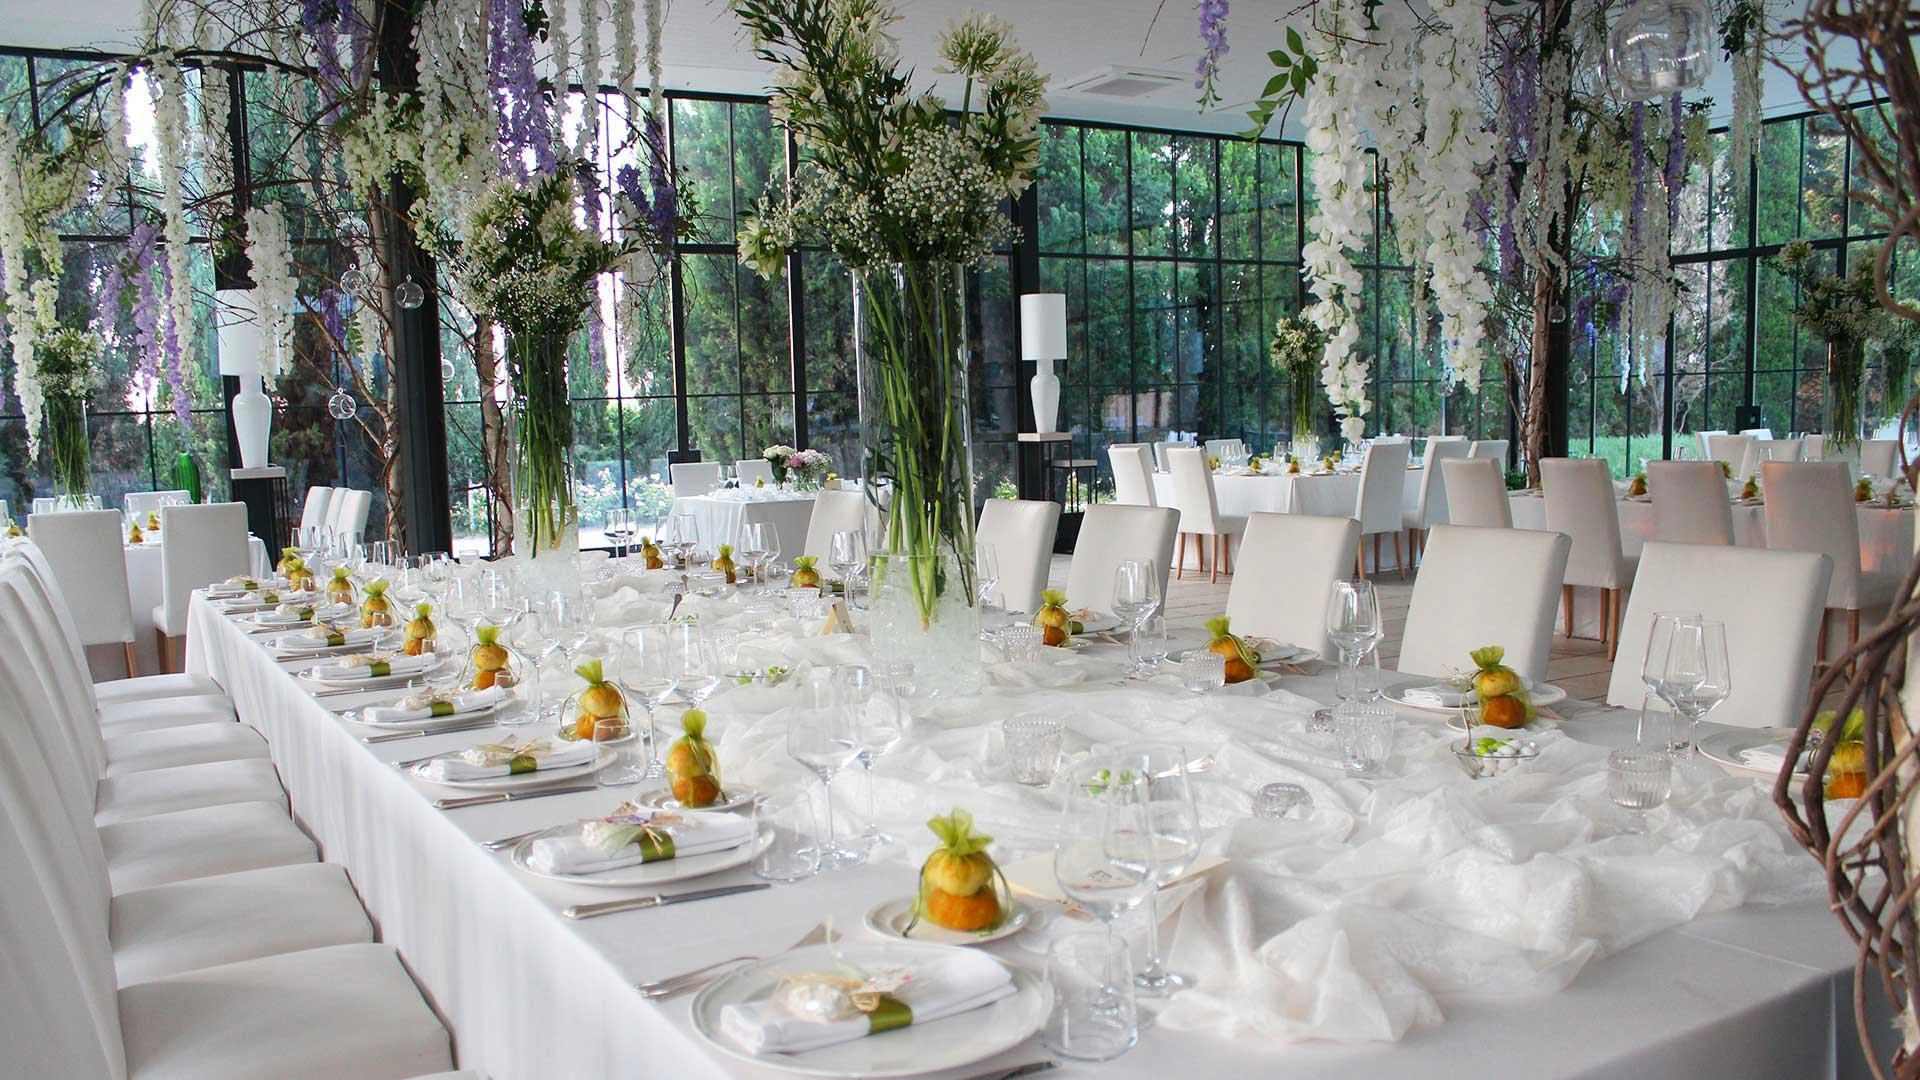 matrimoio in primavera sala allestimento sacchettini